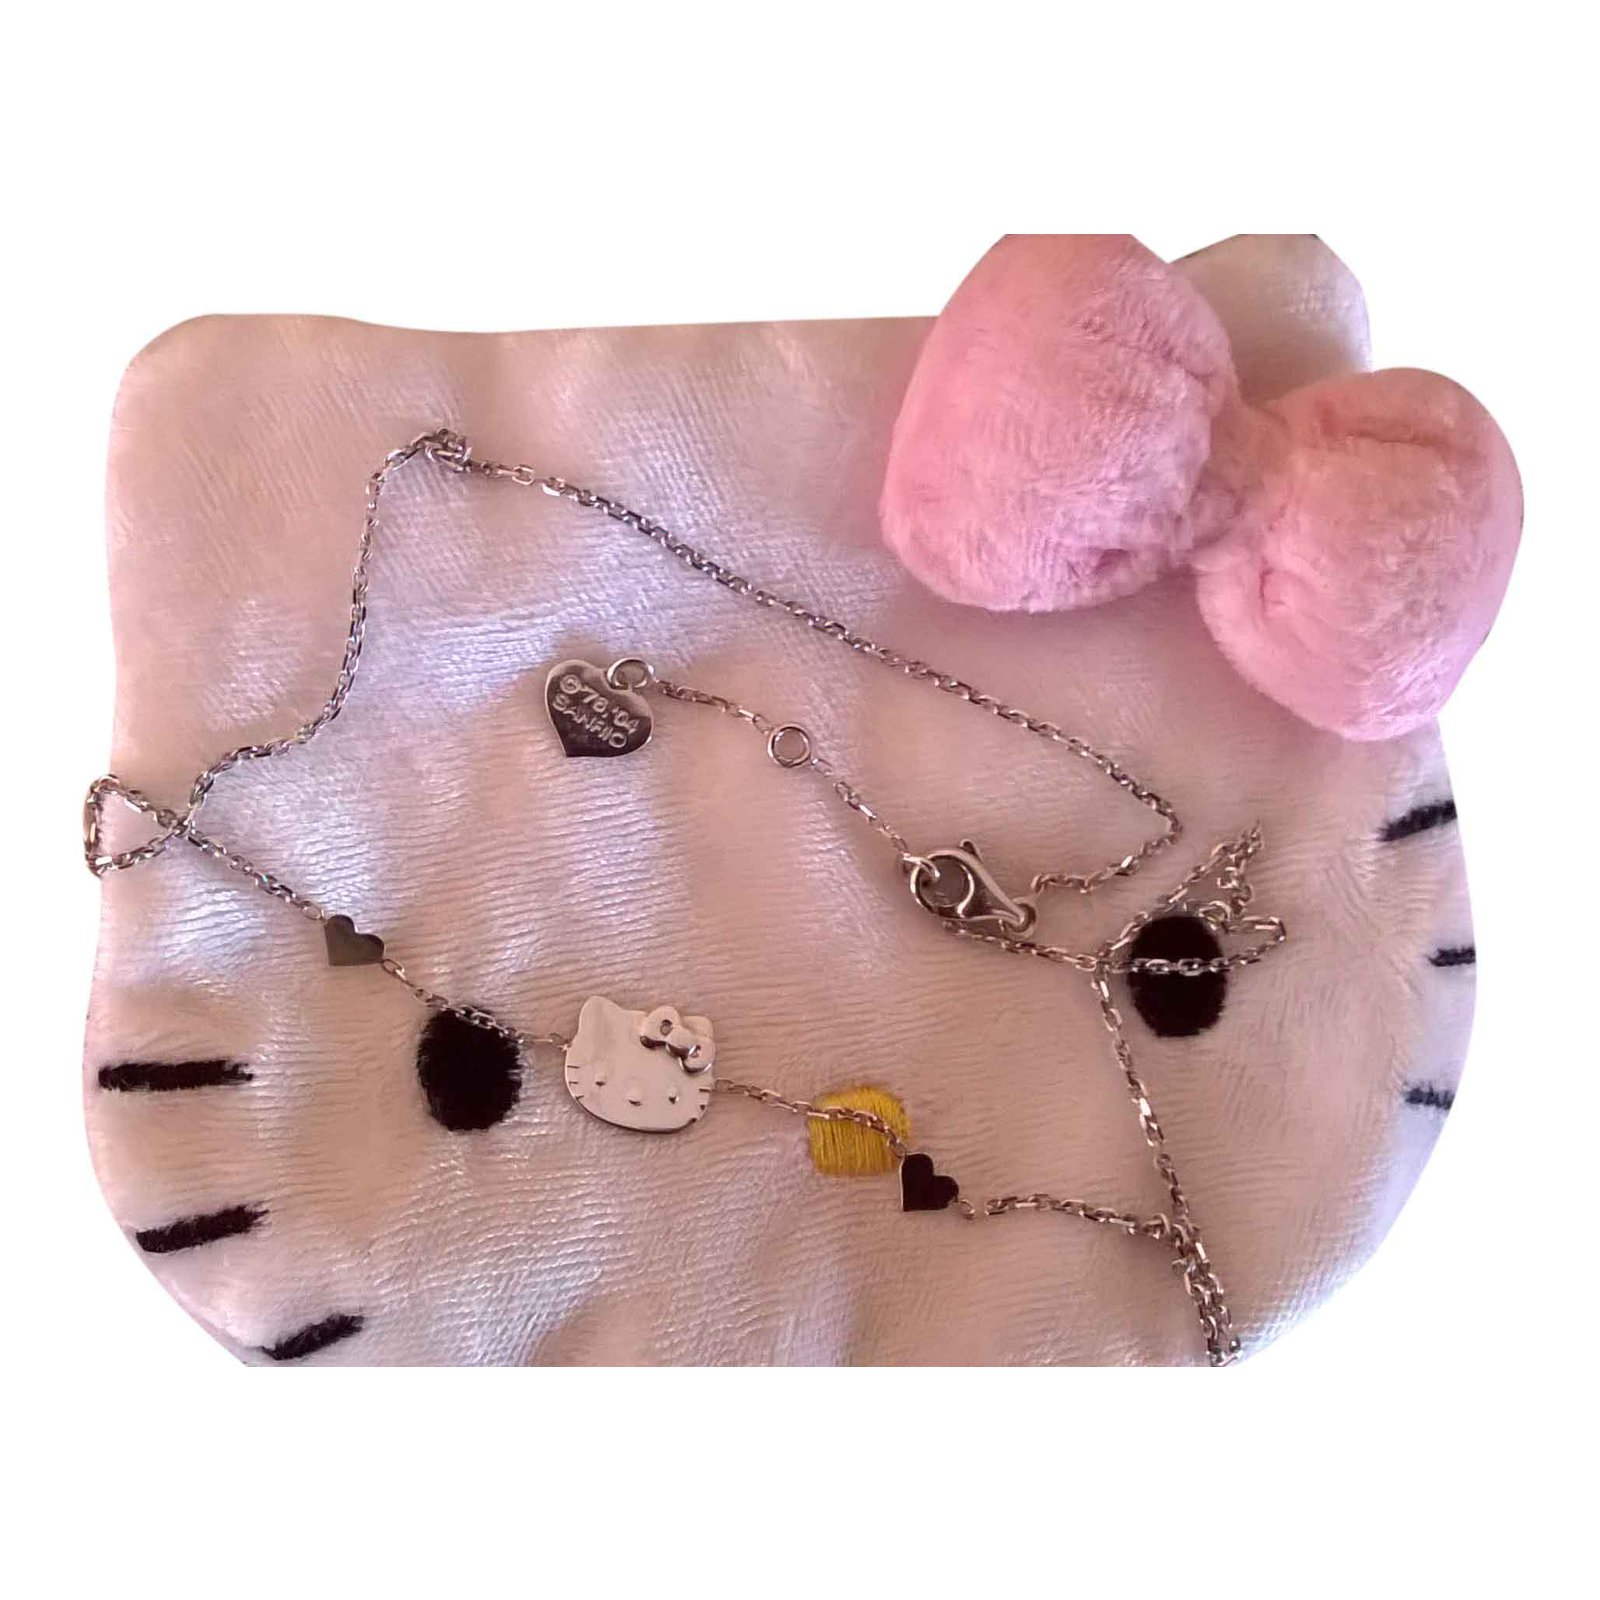 b23ebf817 Victoria Casal Hello Kitty necklace Necklaces White gold Silvery ref.27145  - Joli Closet